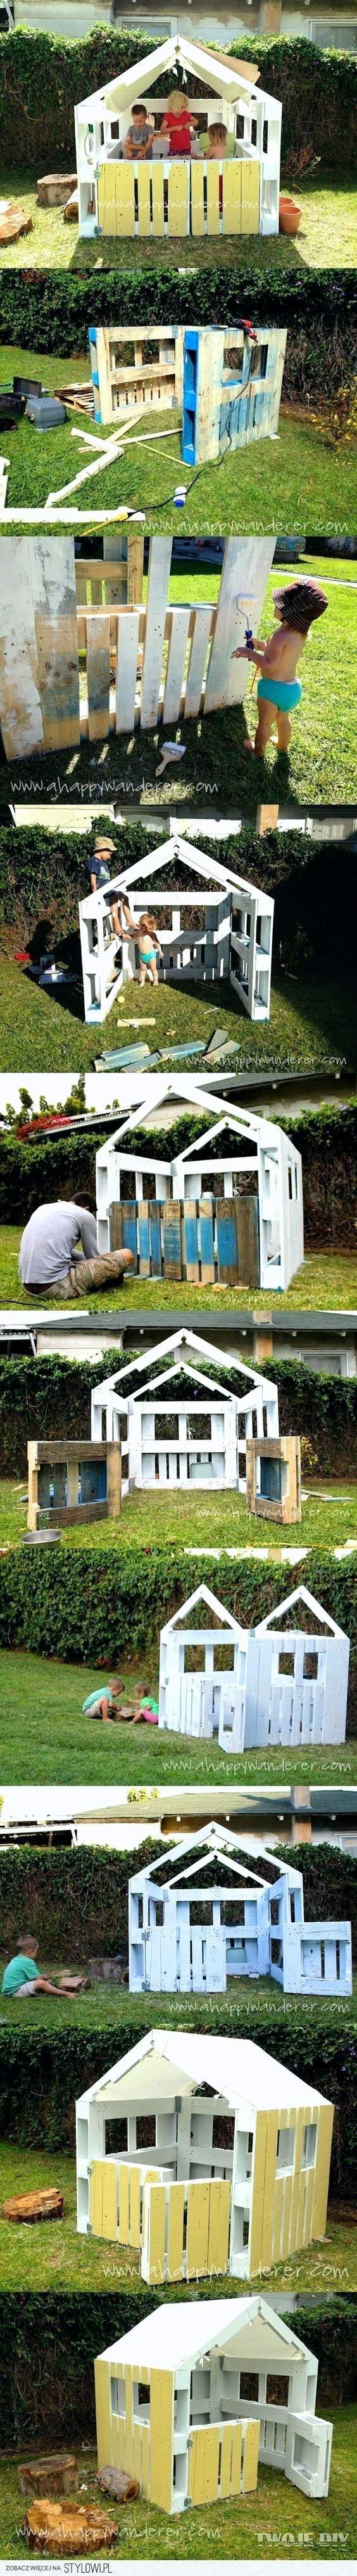 Serre De Gouaix Élégant Image 15 Magnifique Serre De Jardin Polycarbonate Galerie De Cuisine